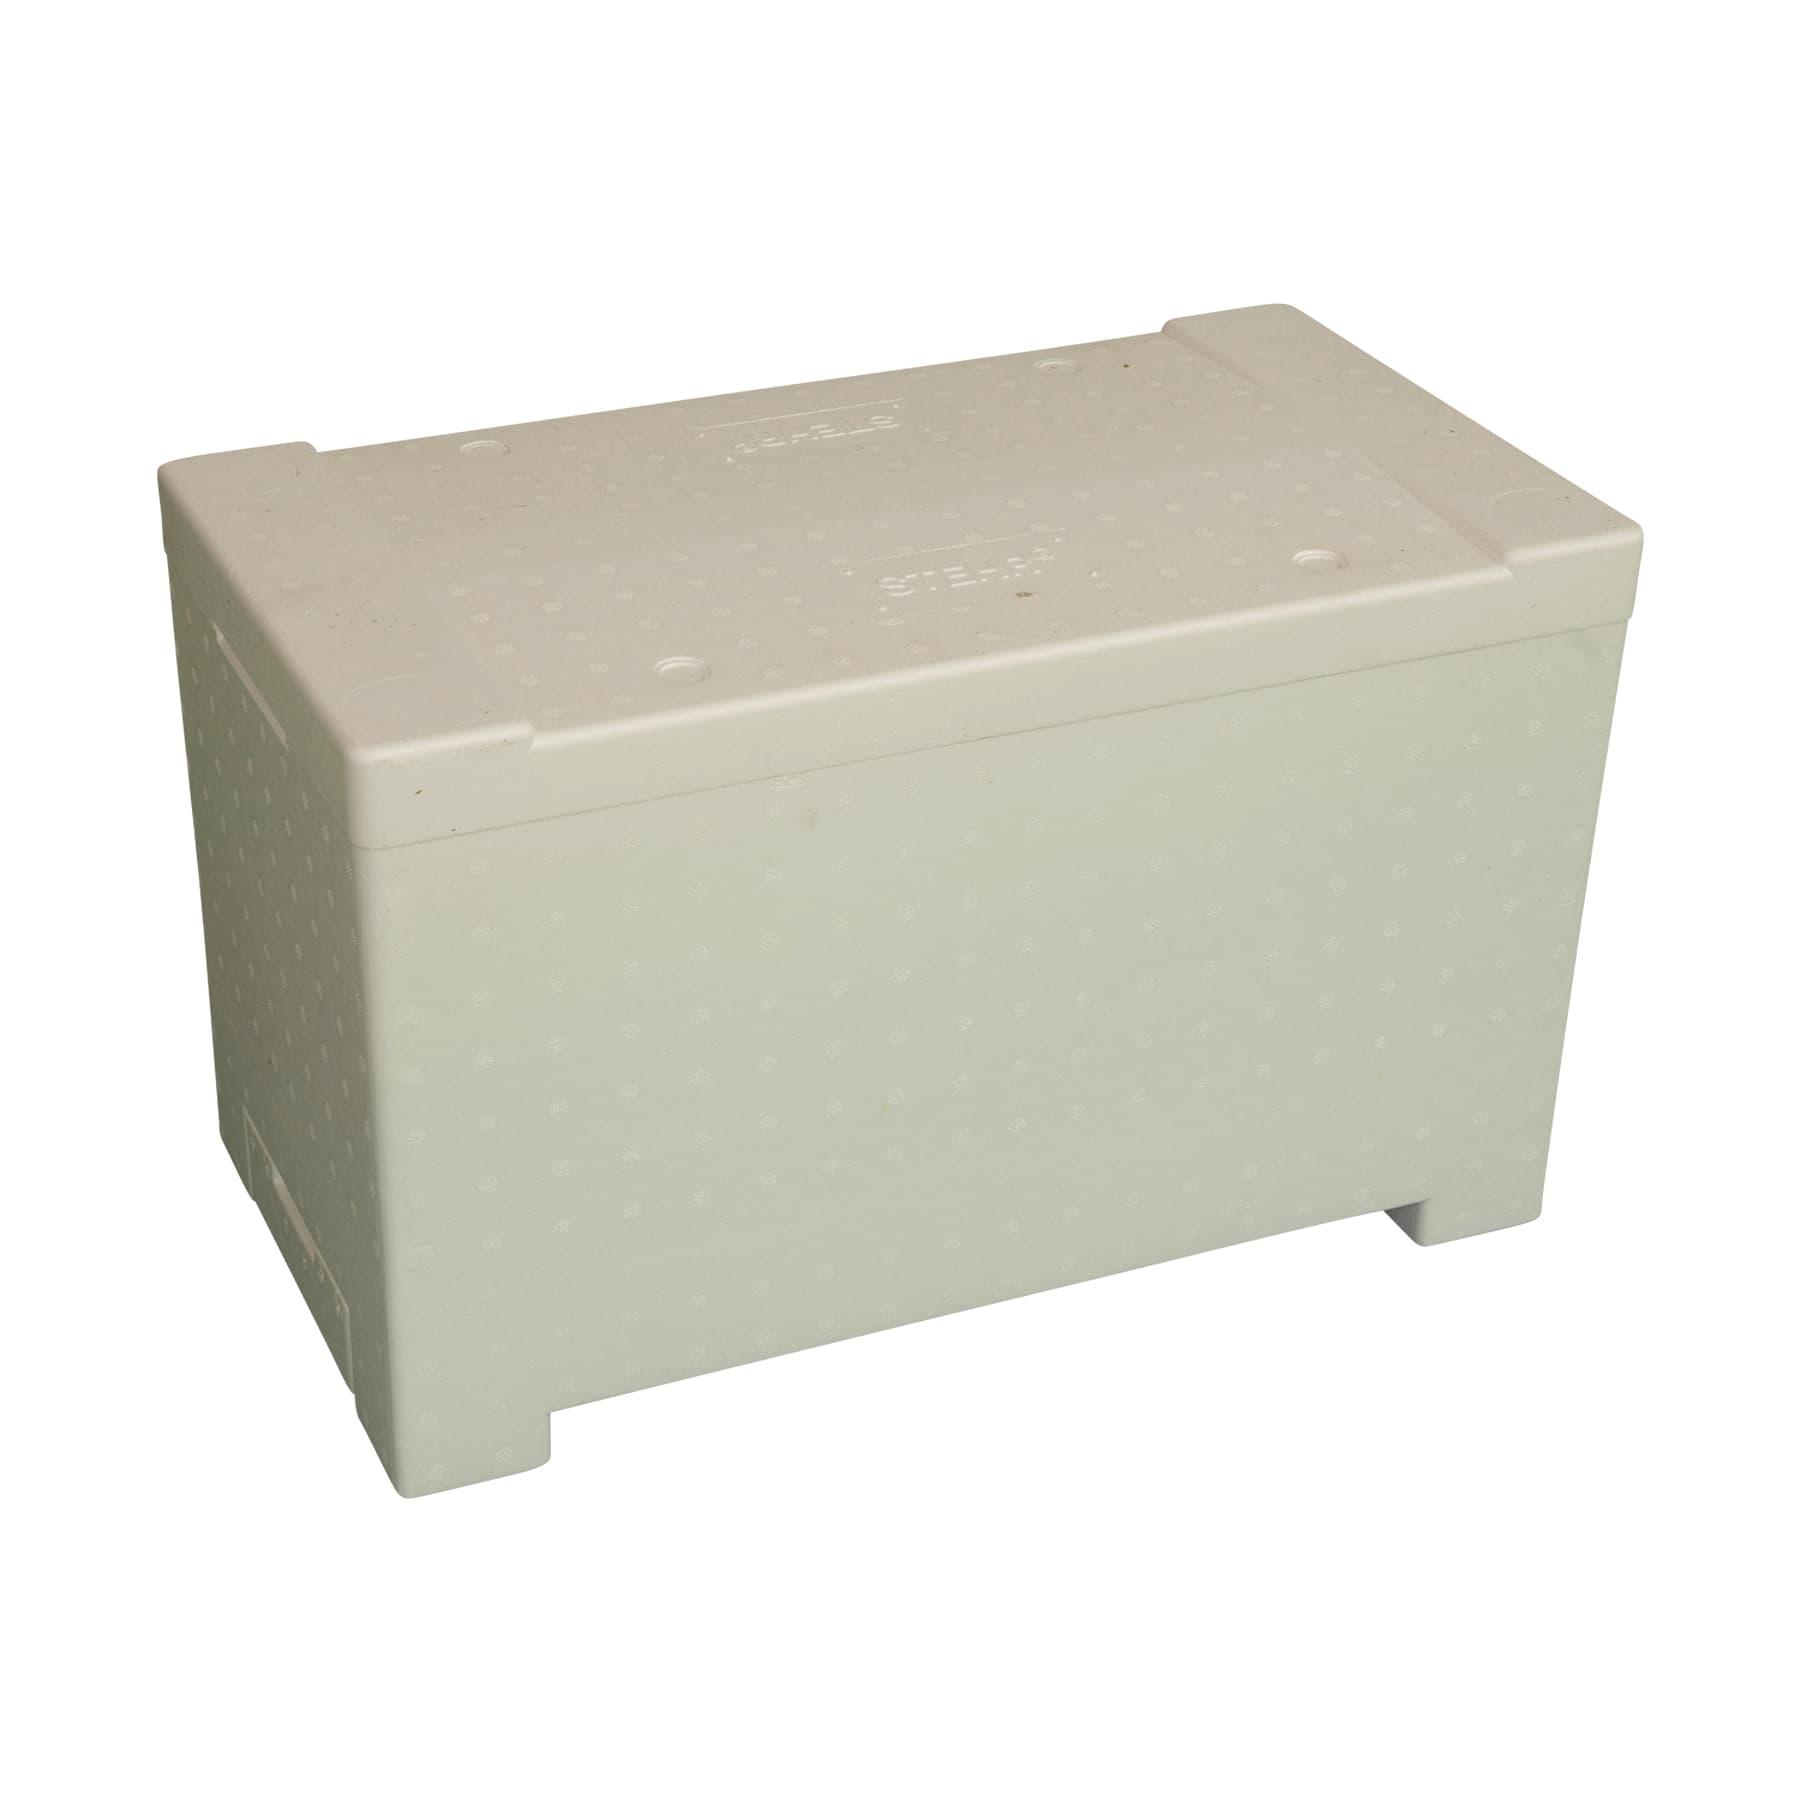 Stehr Ablegerkasten Dadant-modifiziert ohne Rechen (Dadant Standard) f. 6 Waben(482 x 285) aus Styropor, einschiebbares Flugbrett, ohne Abstandhalter